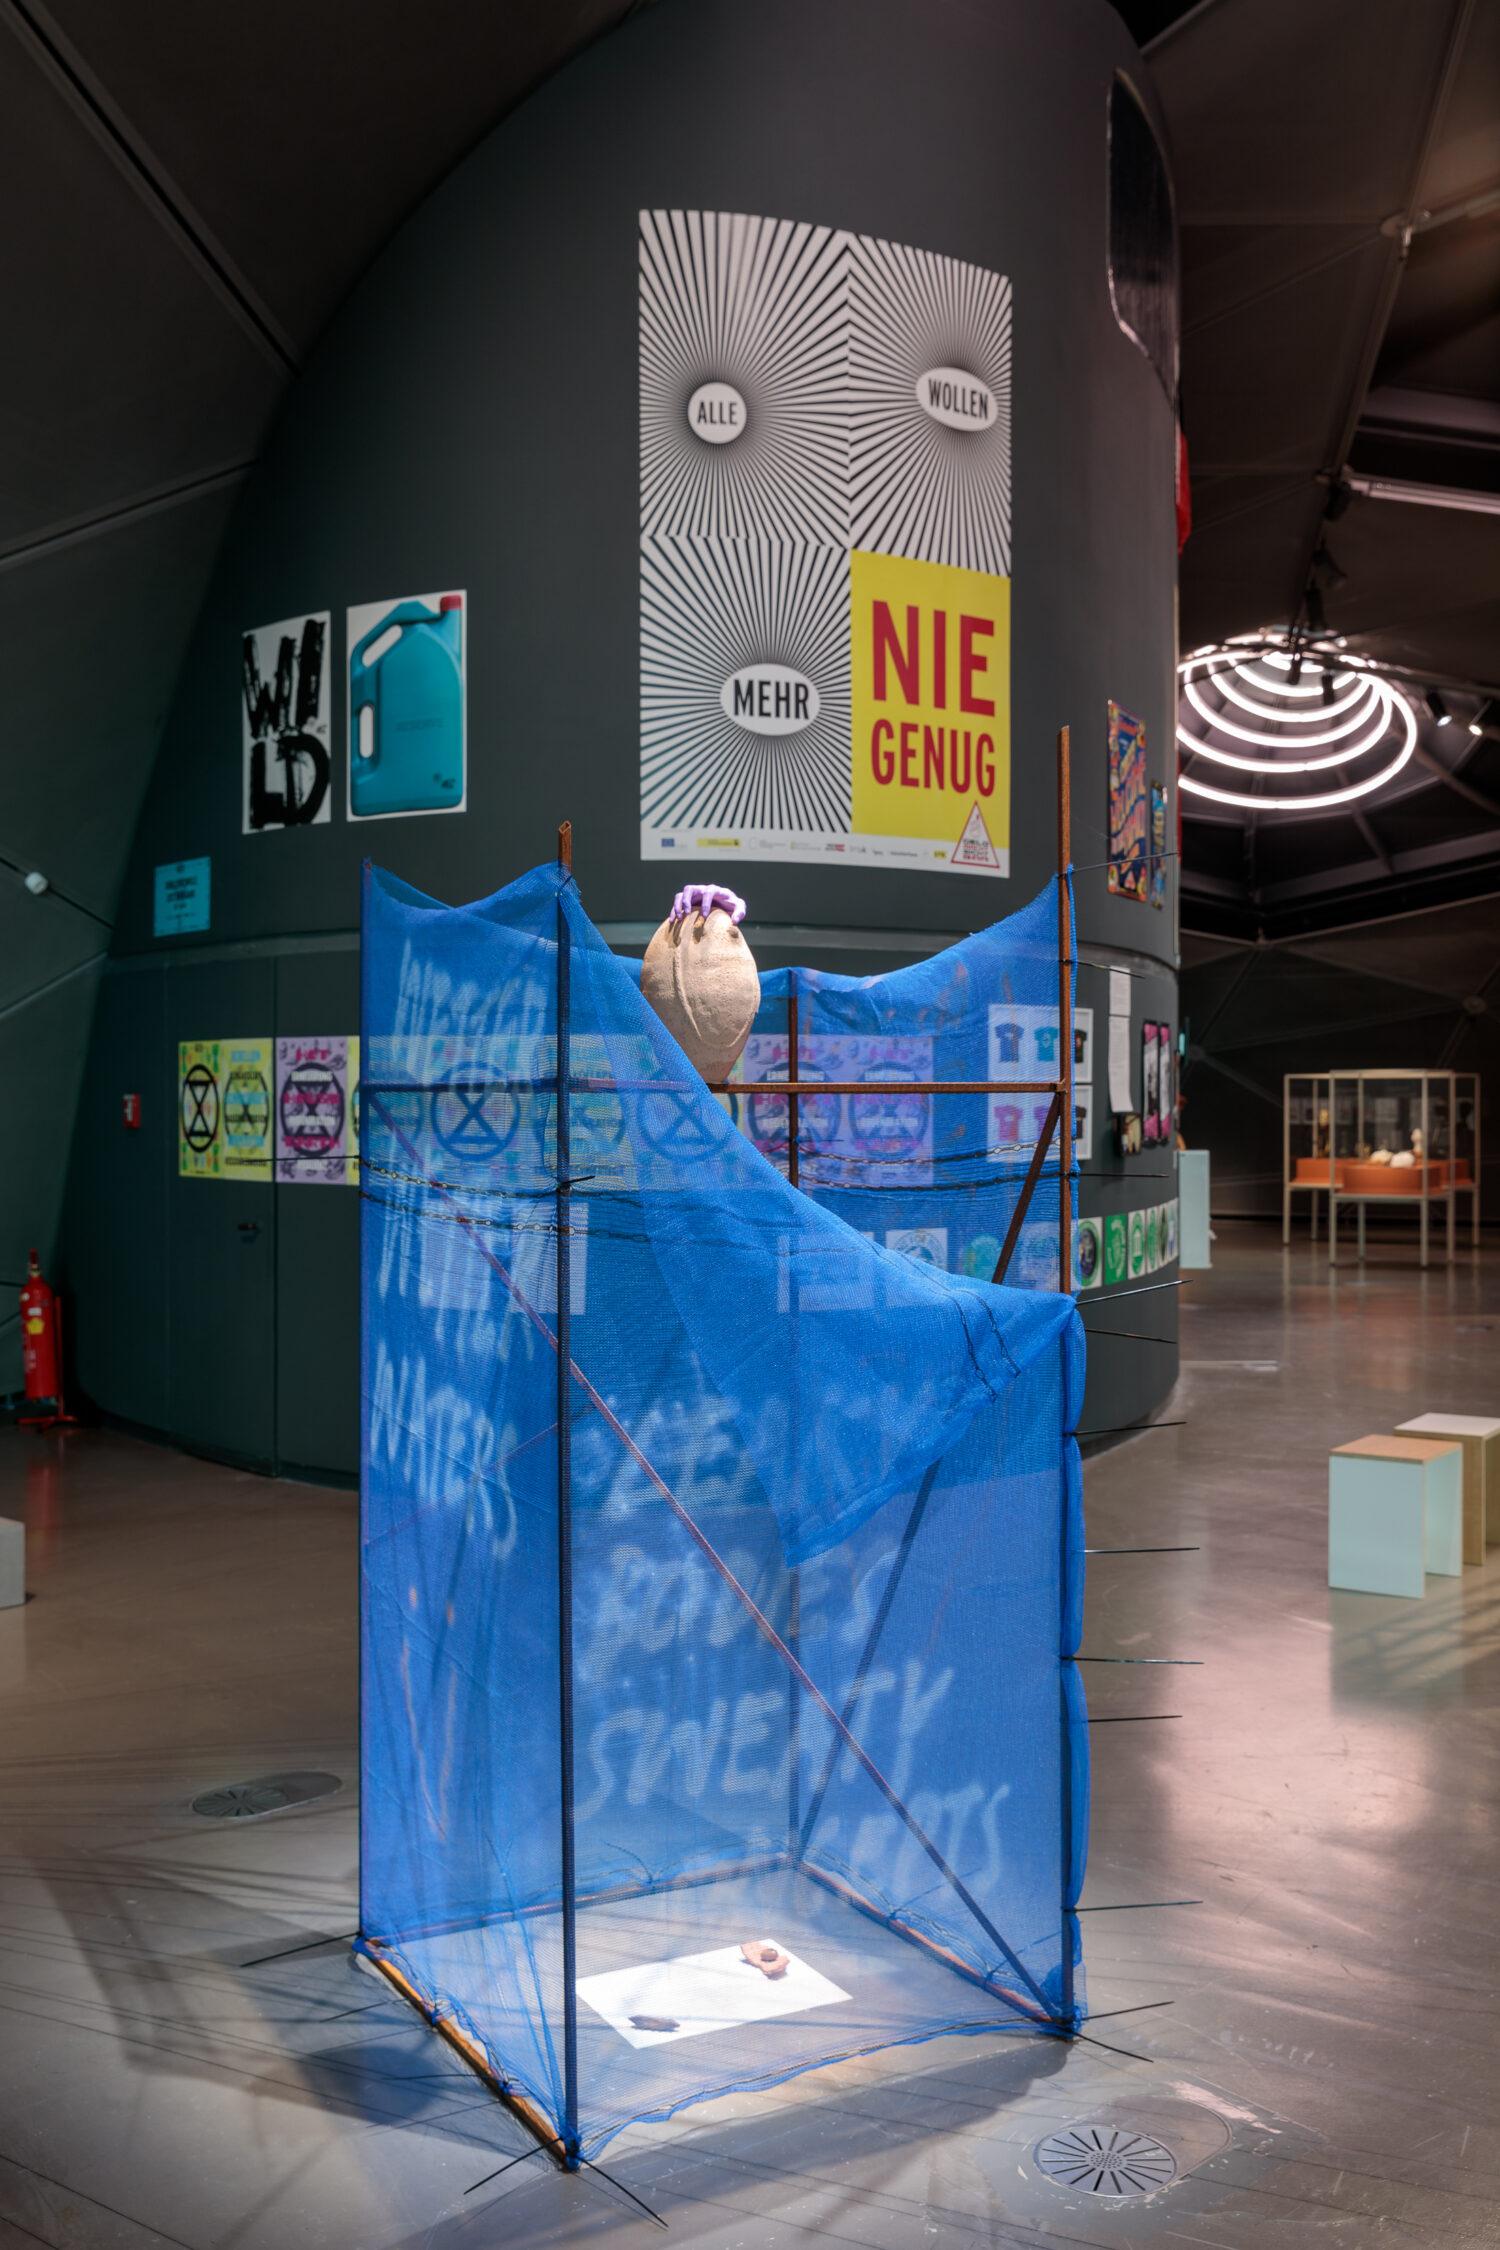 Elke Auer in Zusammenarbeit mit Gerhard Auer, WET AGENCY, SPILLING ALL OVER YOUR DRY STRUCTURES, 2021 © Bildrecht, Wien, 2021, Ausstellungsansicht, Foto: Kunsthaus Graz/N. Lackner